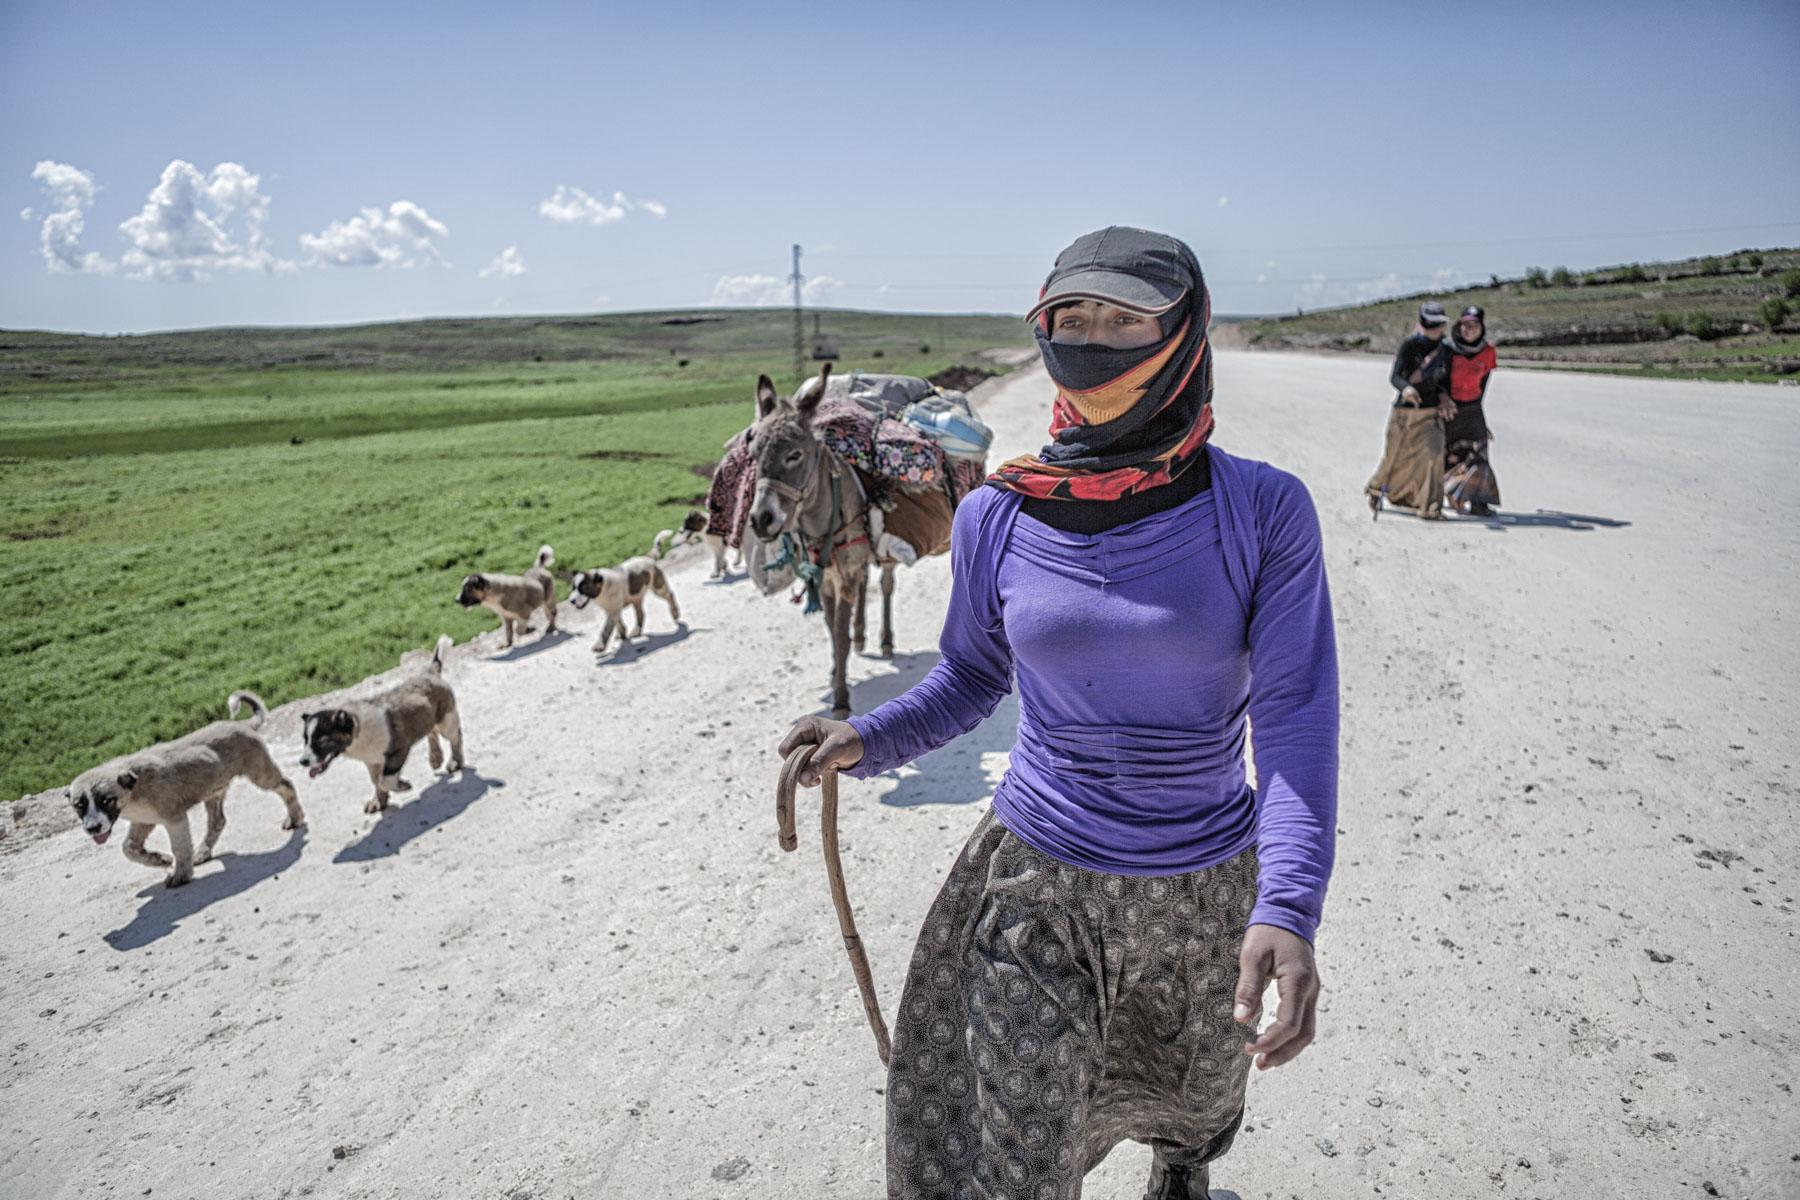 Nadir_Bucan_Nomads of Eastern Anatolia_01_1.jpg